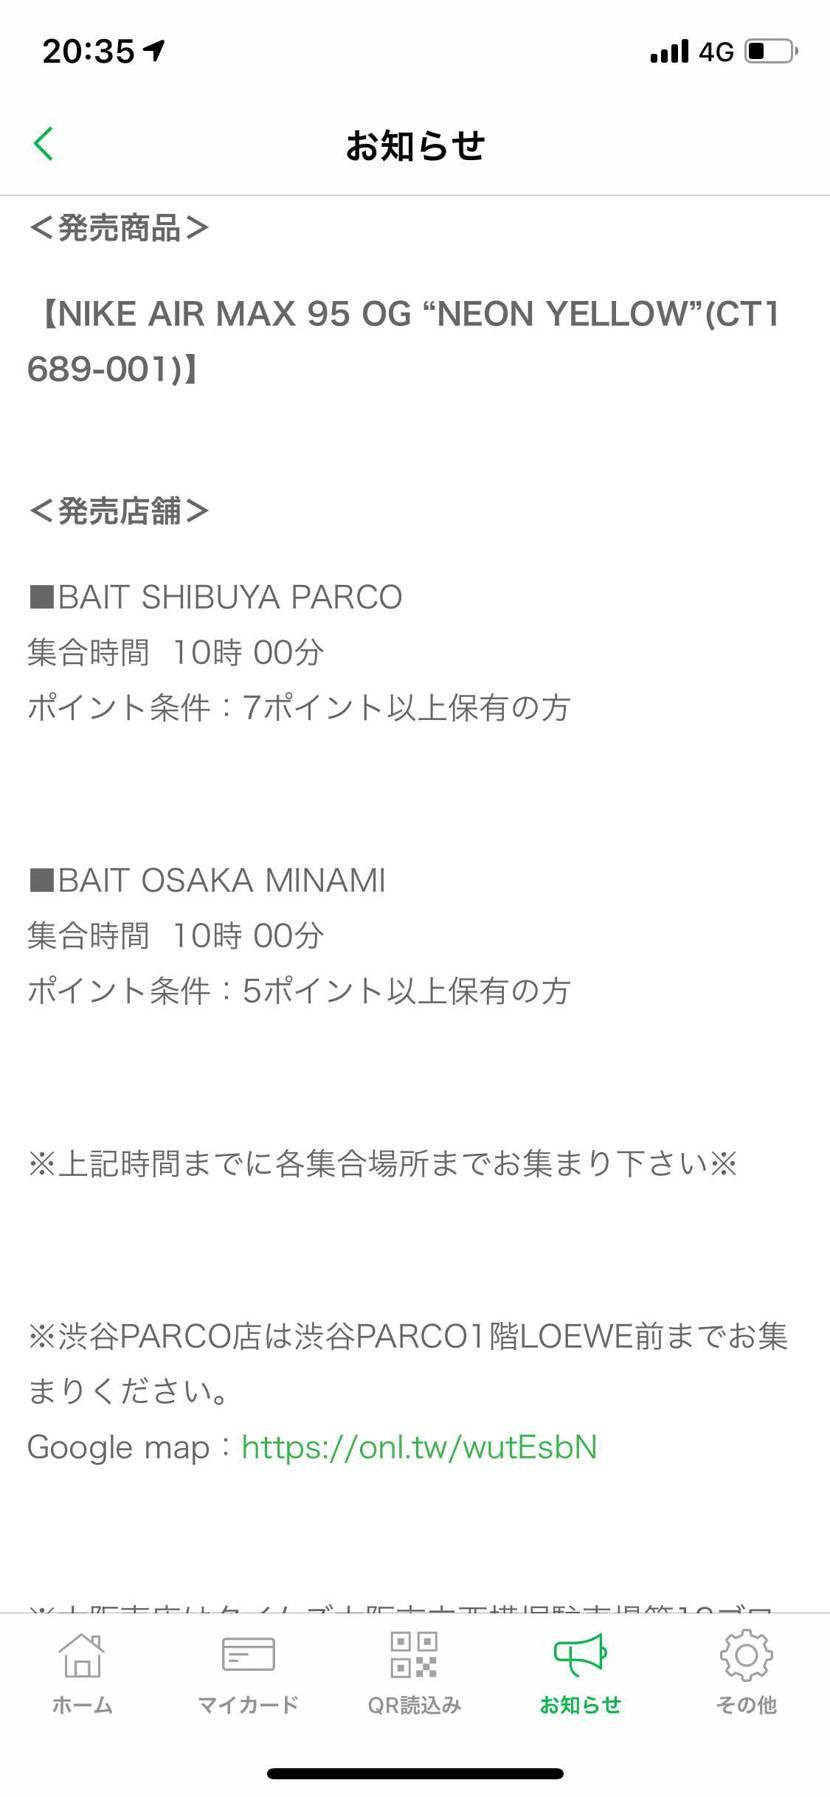 ボーダー低っ😂 大阪の人明日のAJ11とソックス買ったら参加権あるやん😂